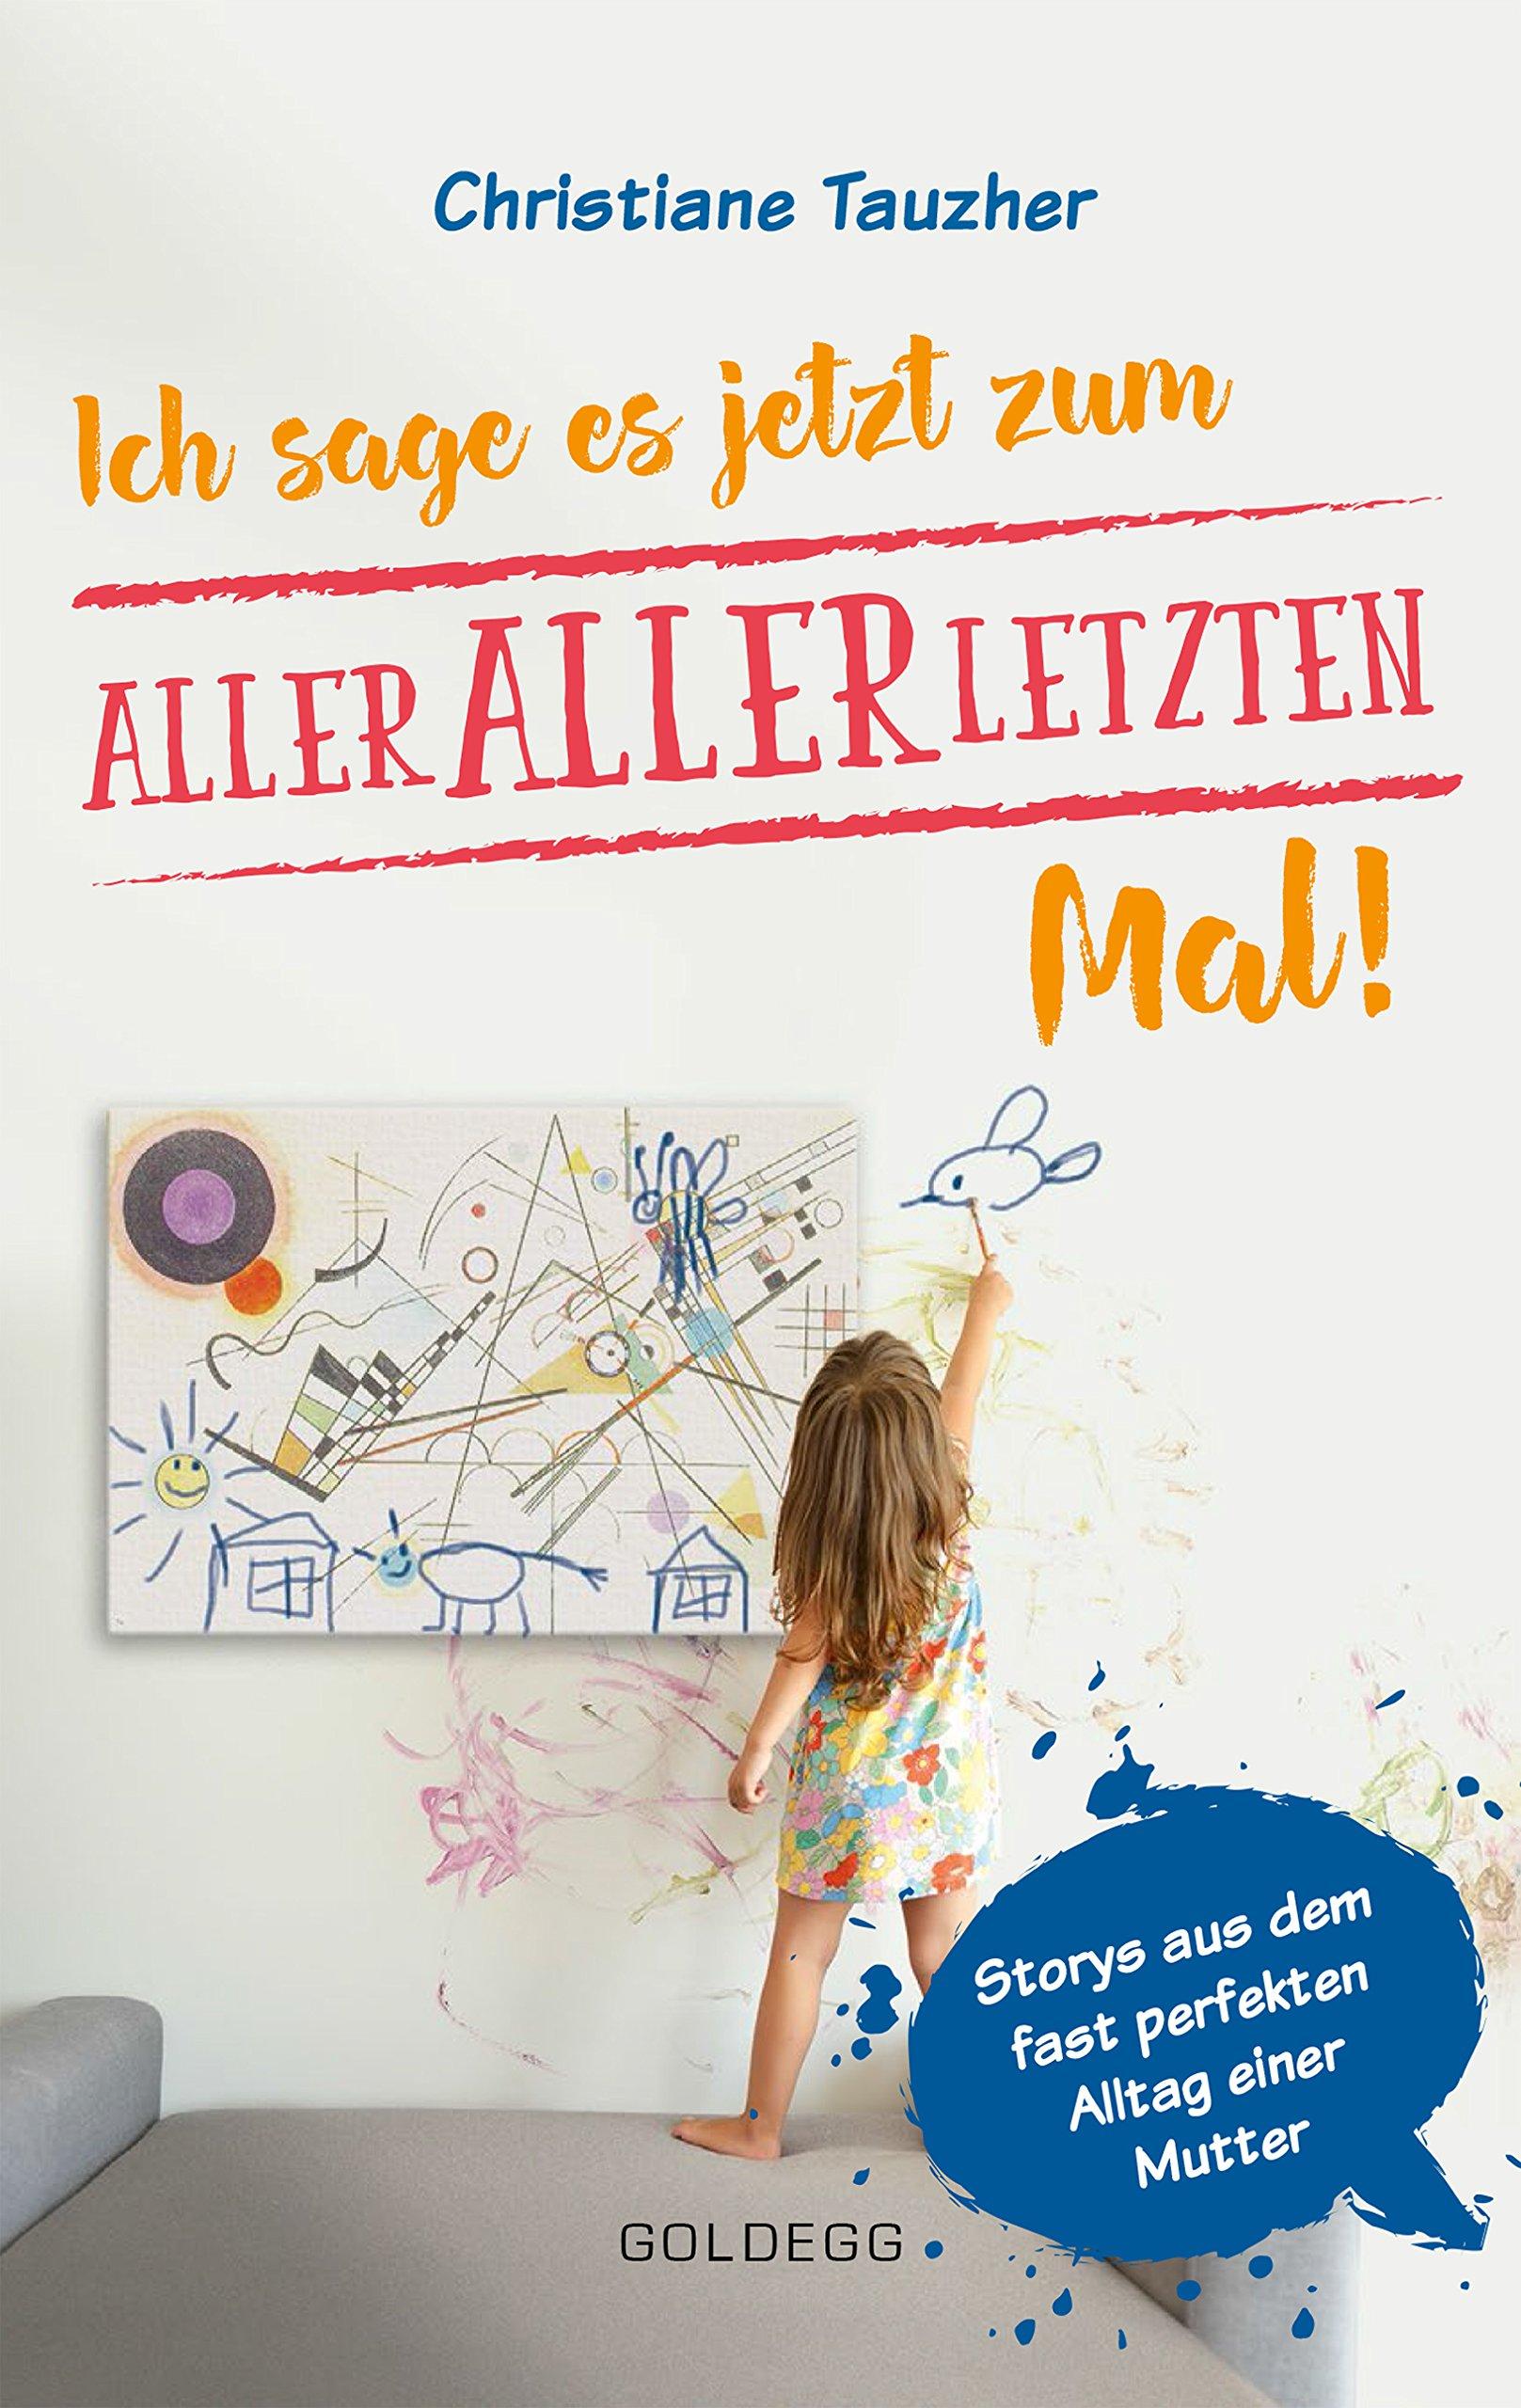 Ich sage es jetzt zum allerallerletzten Mal: Storys aus dem fast perfekten Alltag einer Mutter Taschenbuch – 25. Mai 2018 Christiane Tauzher Goldegg Verlag 3990600648 Eltern